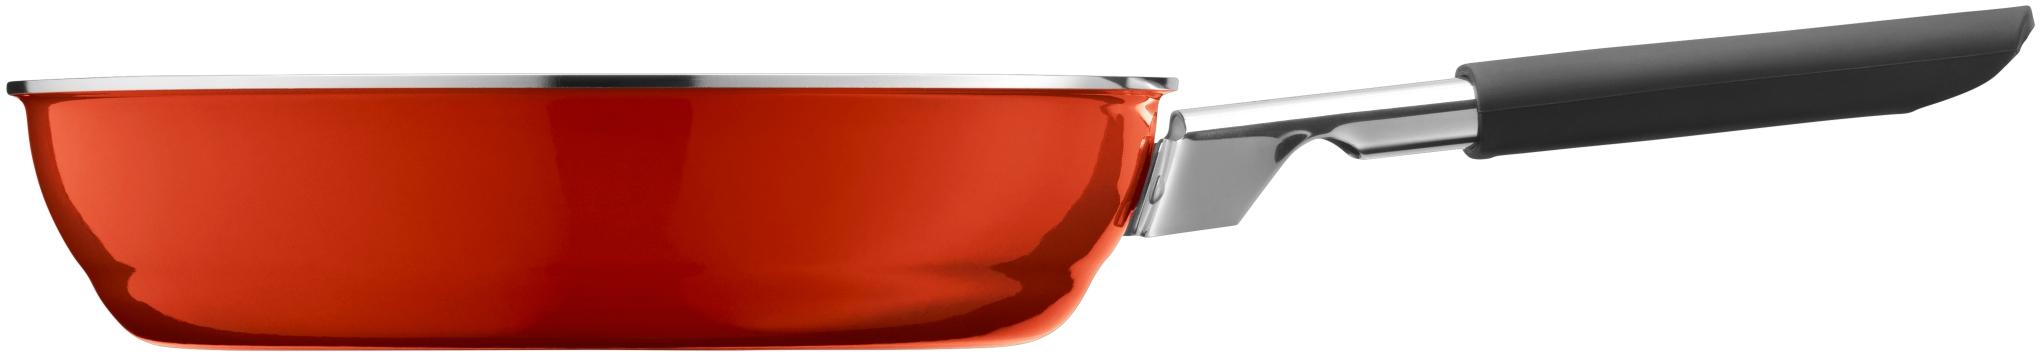 WMF Fusiontec Tava Kırmızı - 24 cm